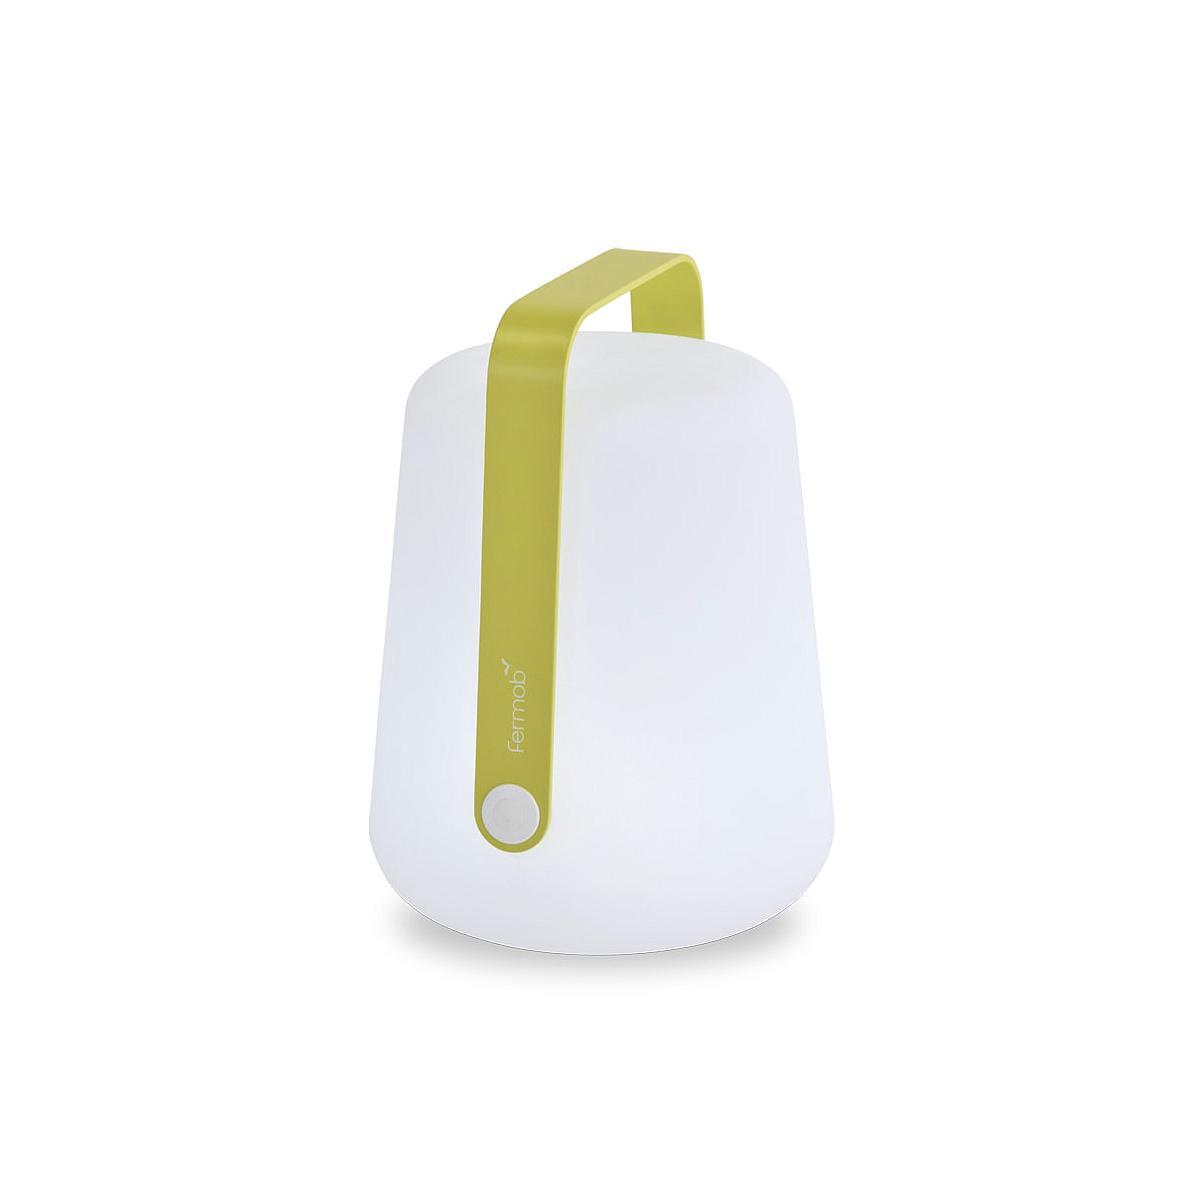 Lampe BALAD Fermob H25 verveine